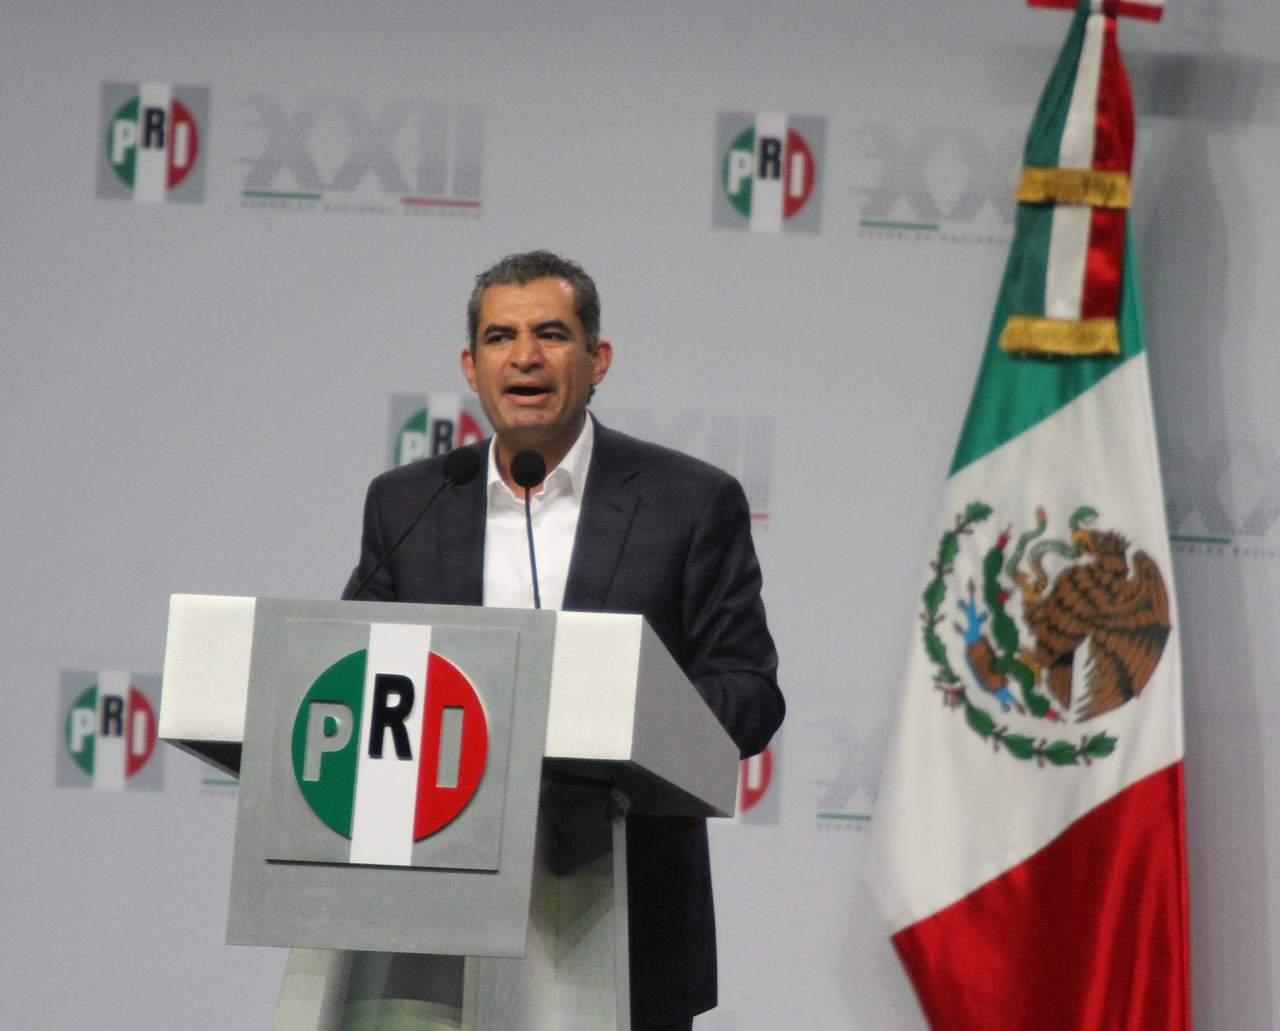 Sólo con partidos con identificación ideológica se harán alianzas: PRI